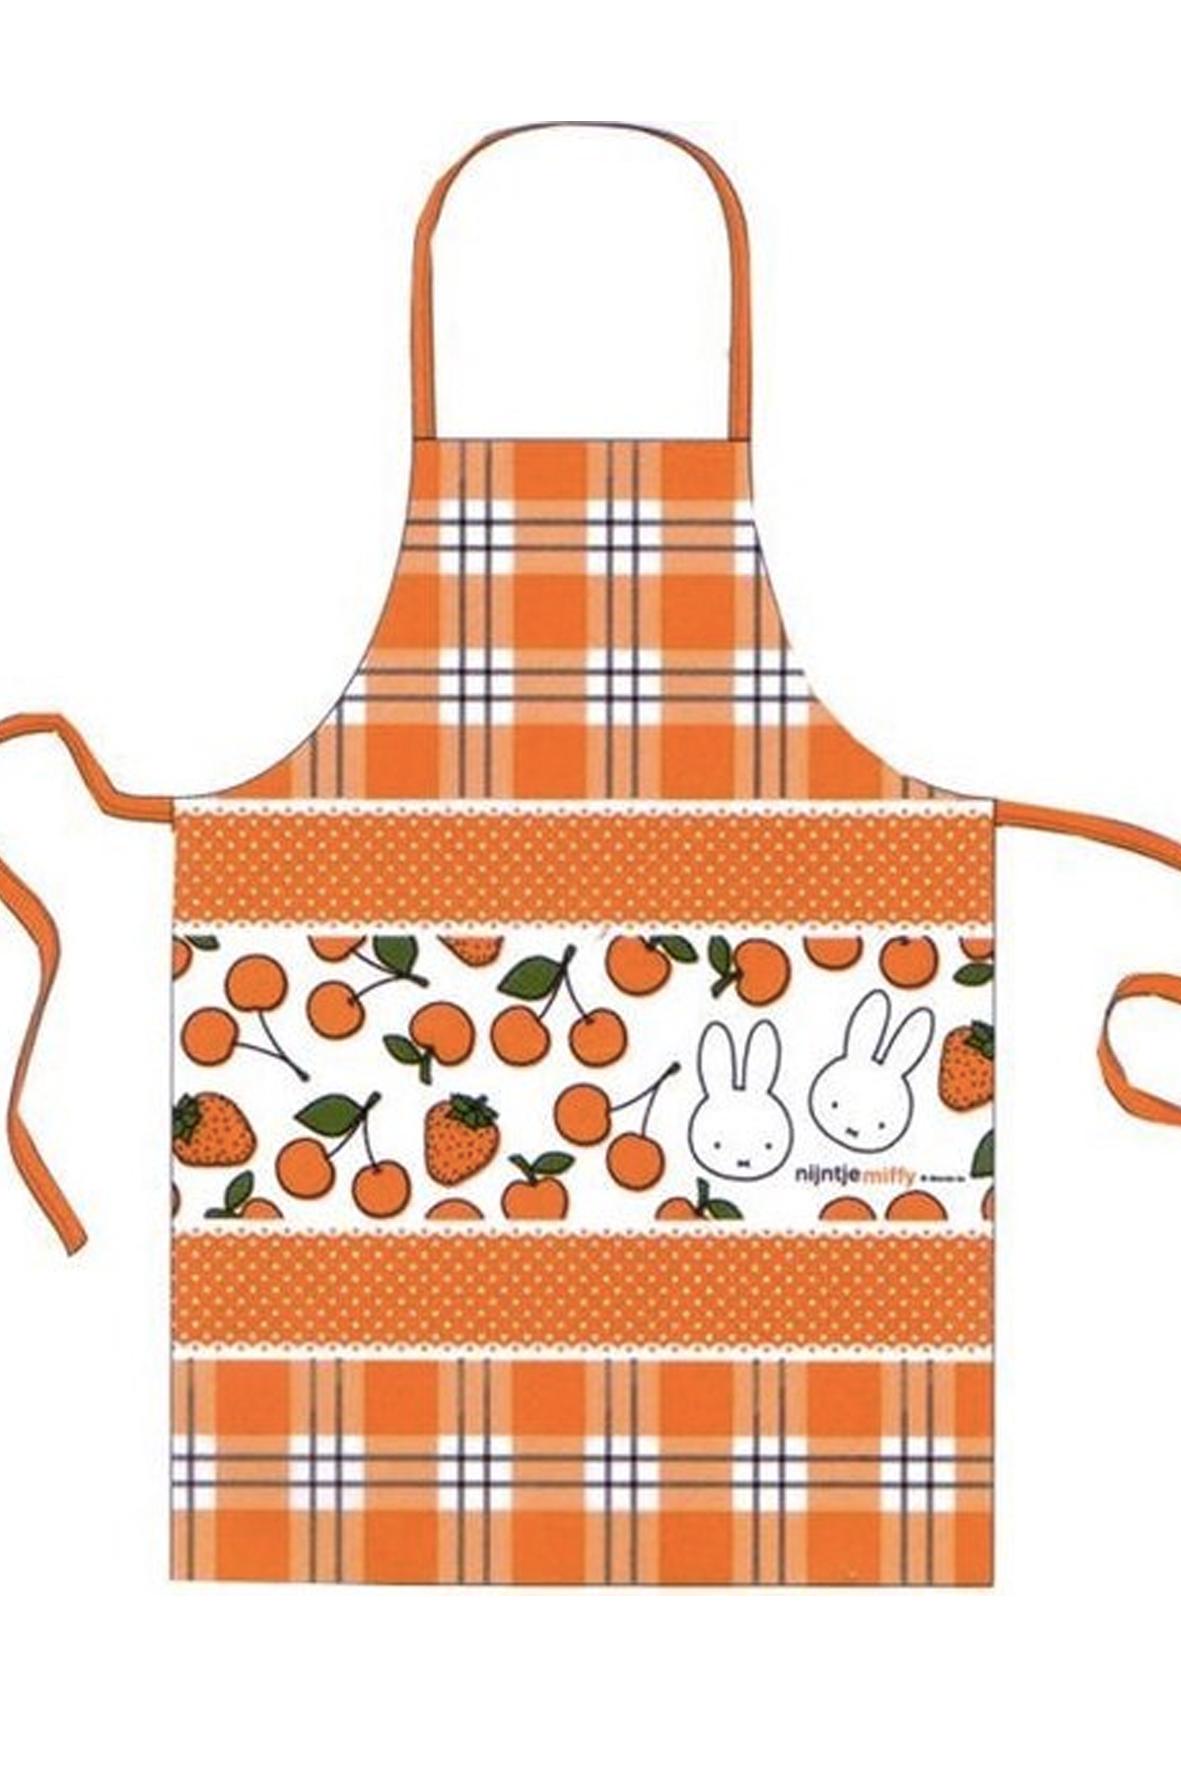 keukenschort voor kinderen als voorbeeld van cadeaus voor jonge foodies